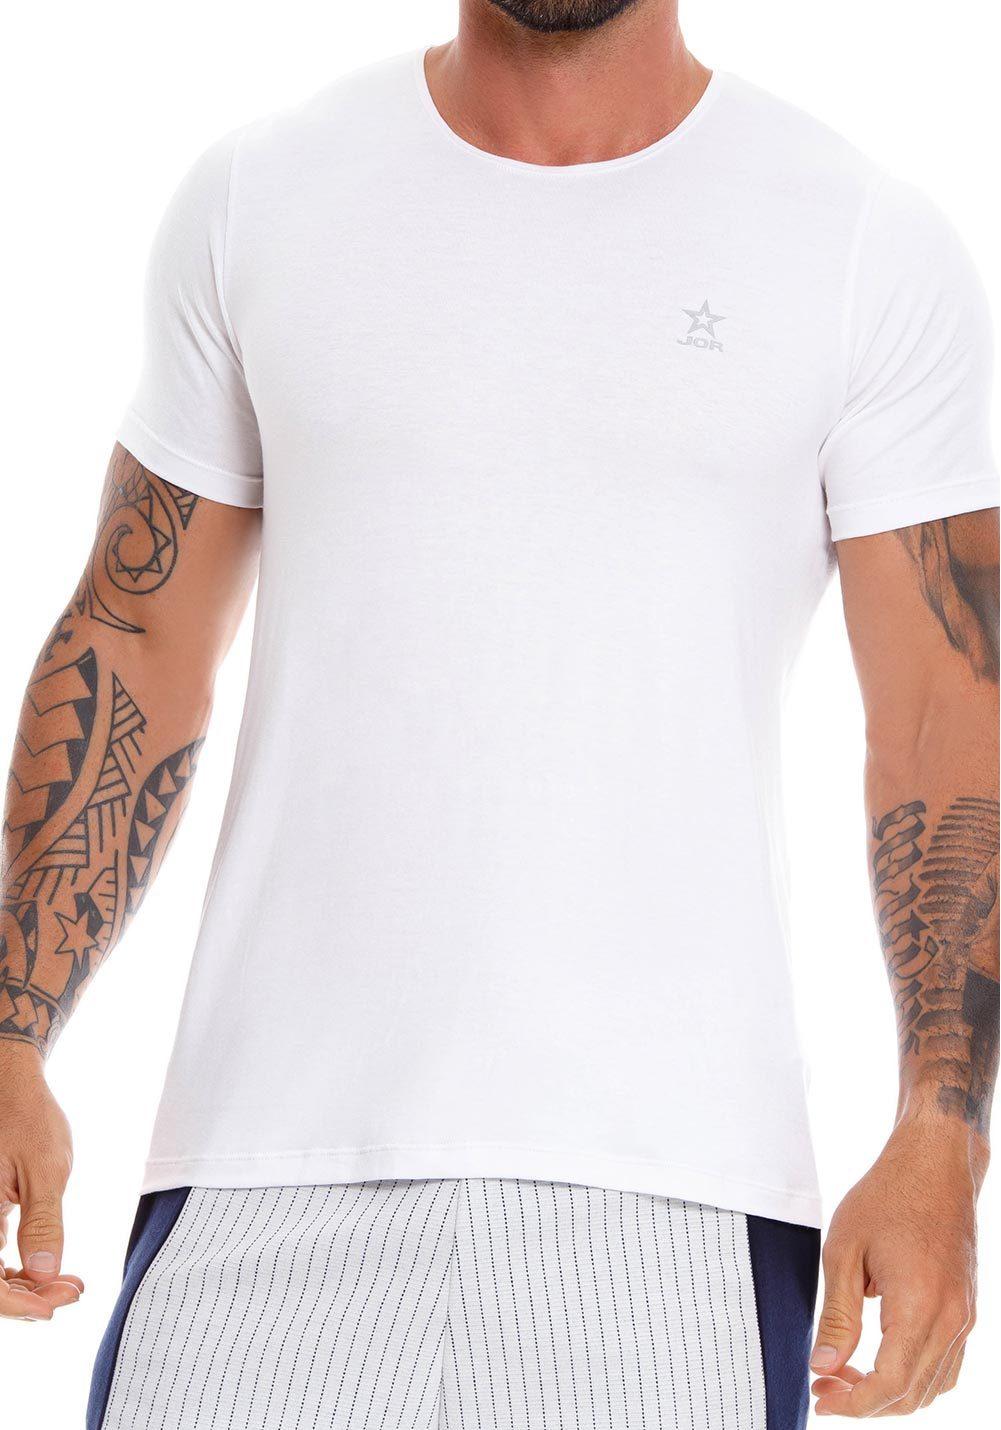 JOR T-Shirt Cross | White